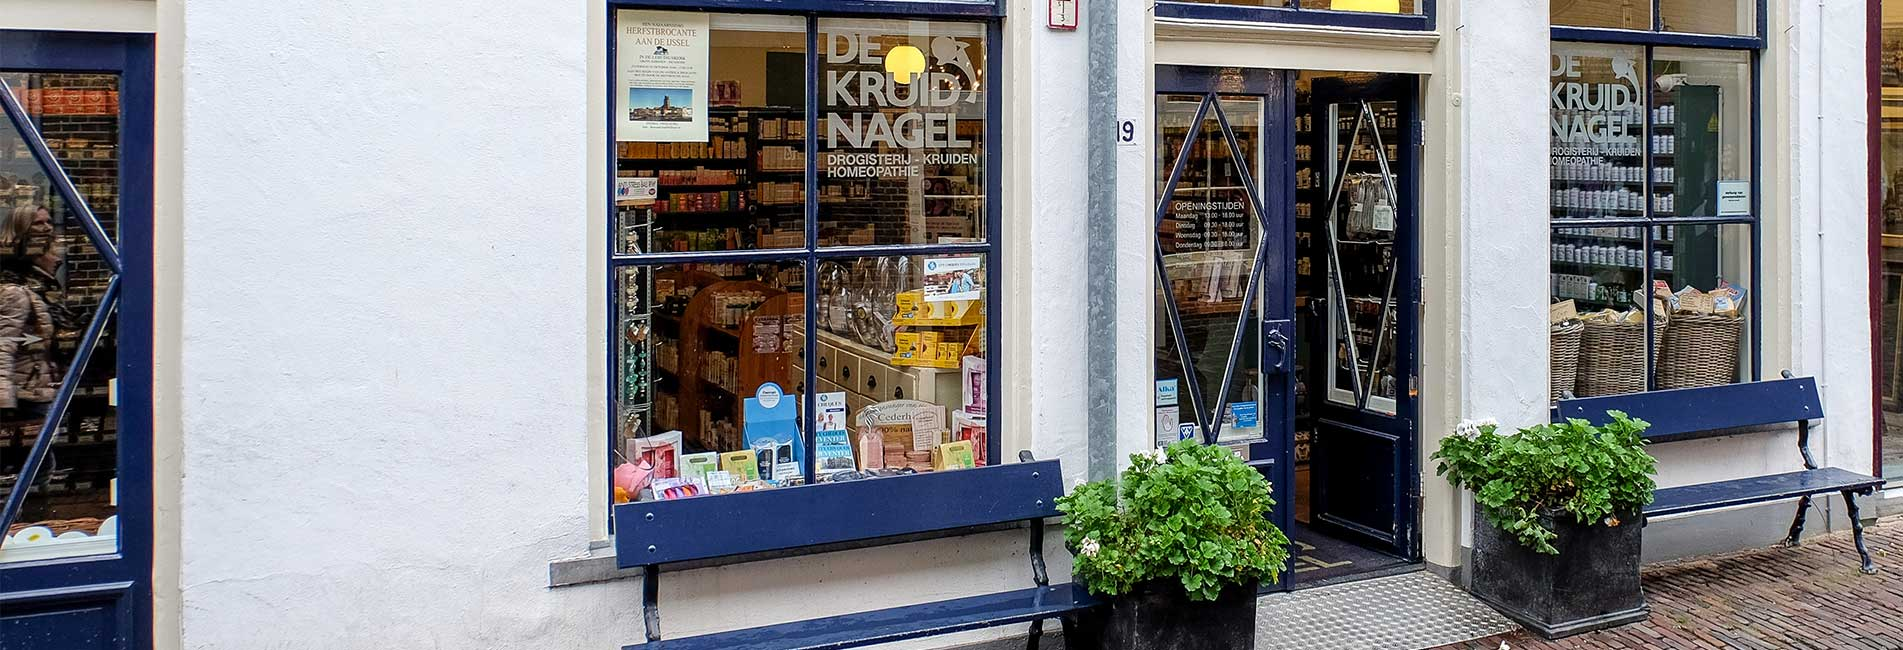 Welkom bij Drogisterij De Kruidnagel. Bekijk hier onze winkel